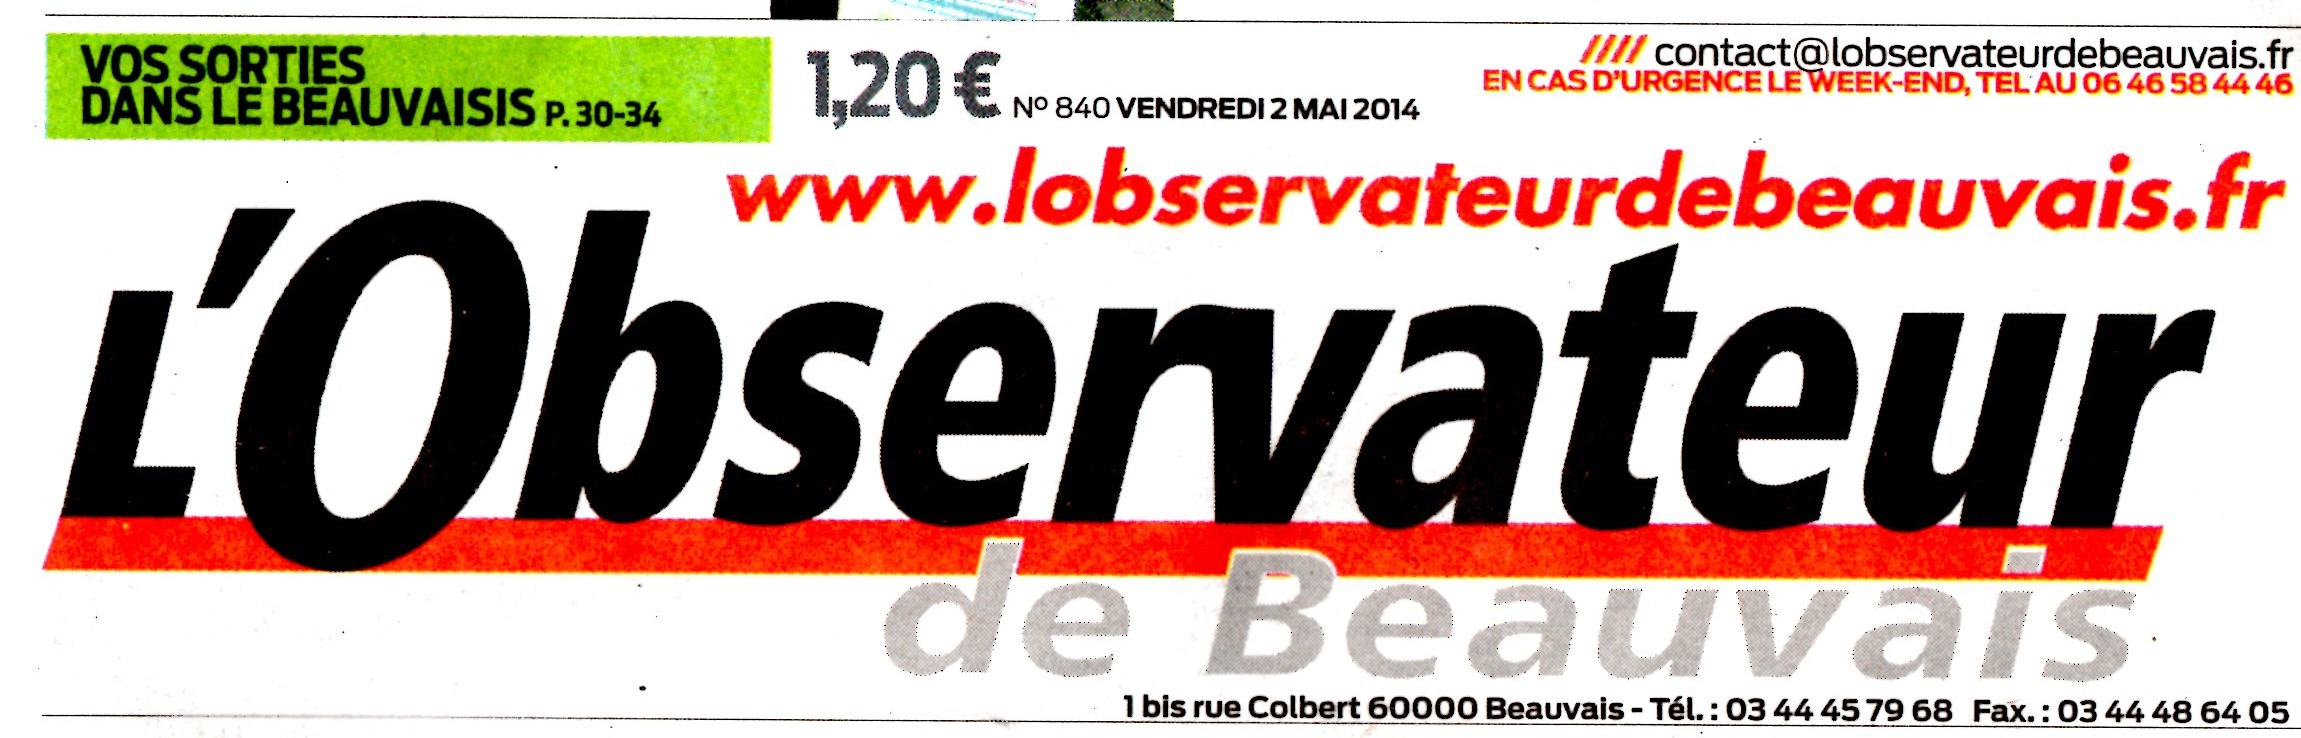 L OBSERVATEUR DE BEAUVAIS 2 MAI 2014001